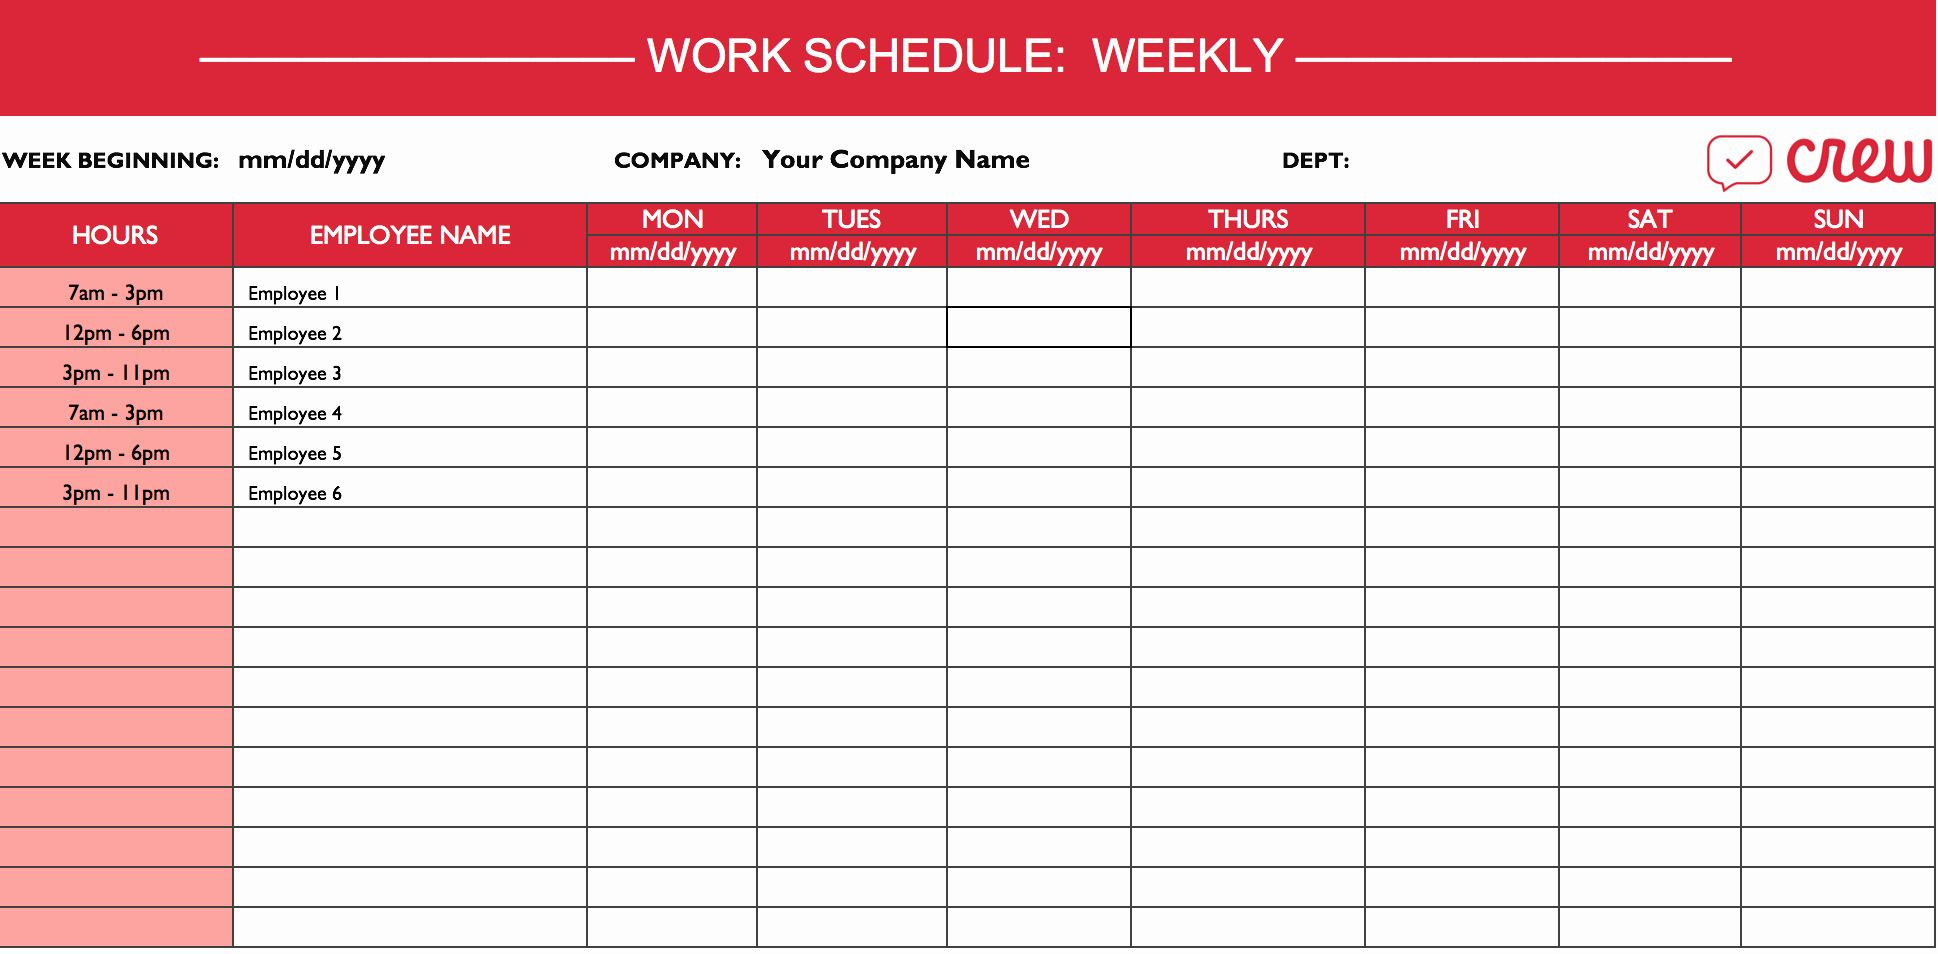 Excel Employee Schedule Template Unique Weekly Work